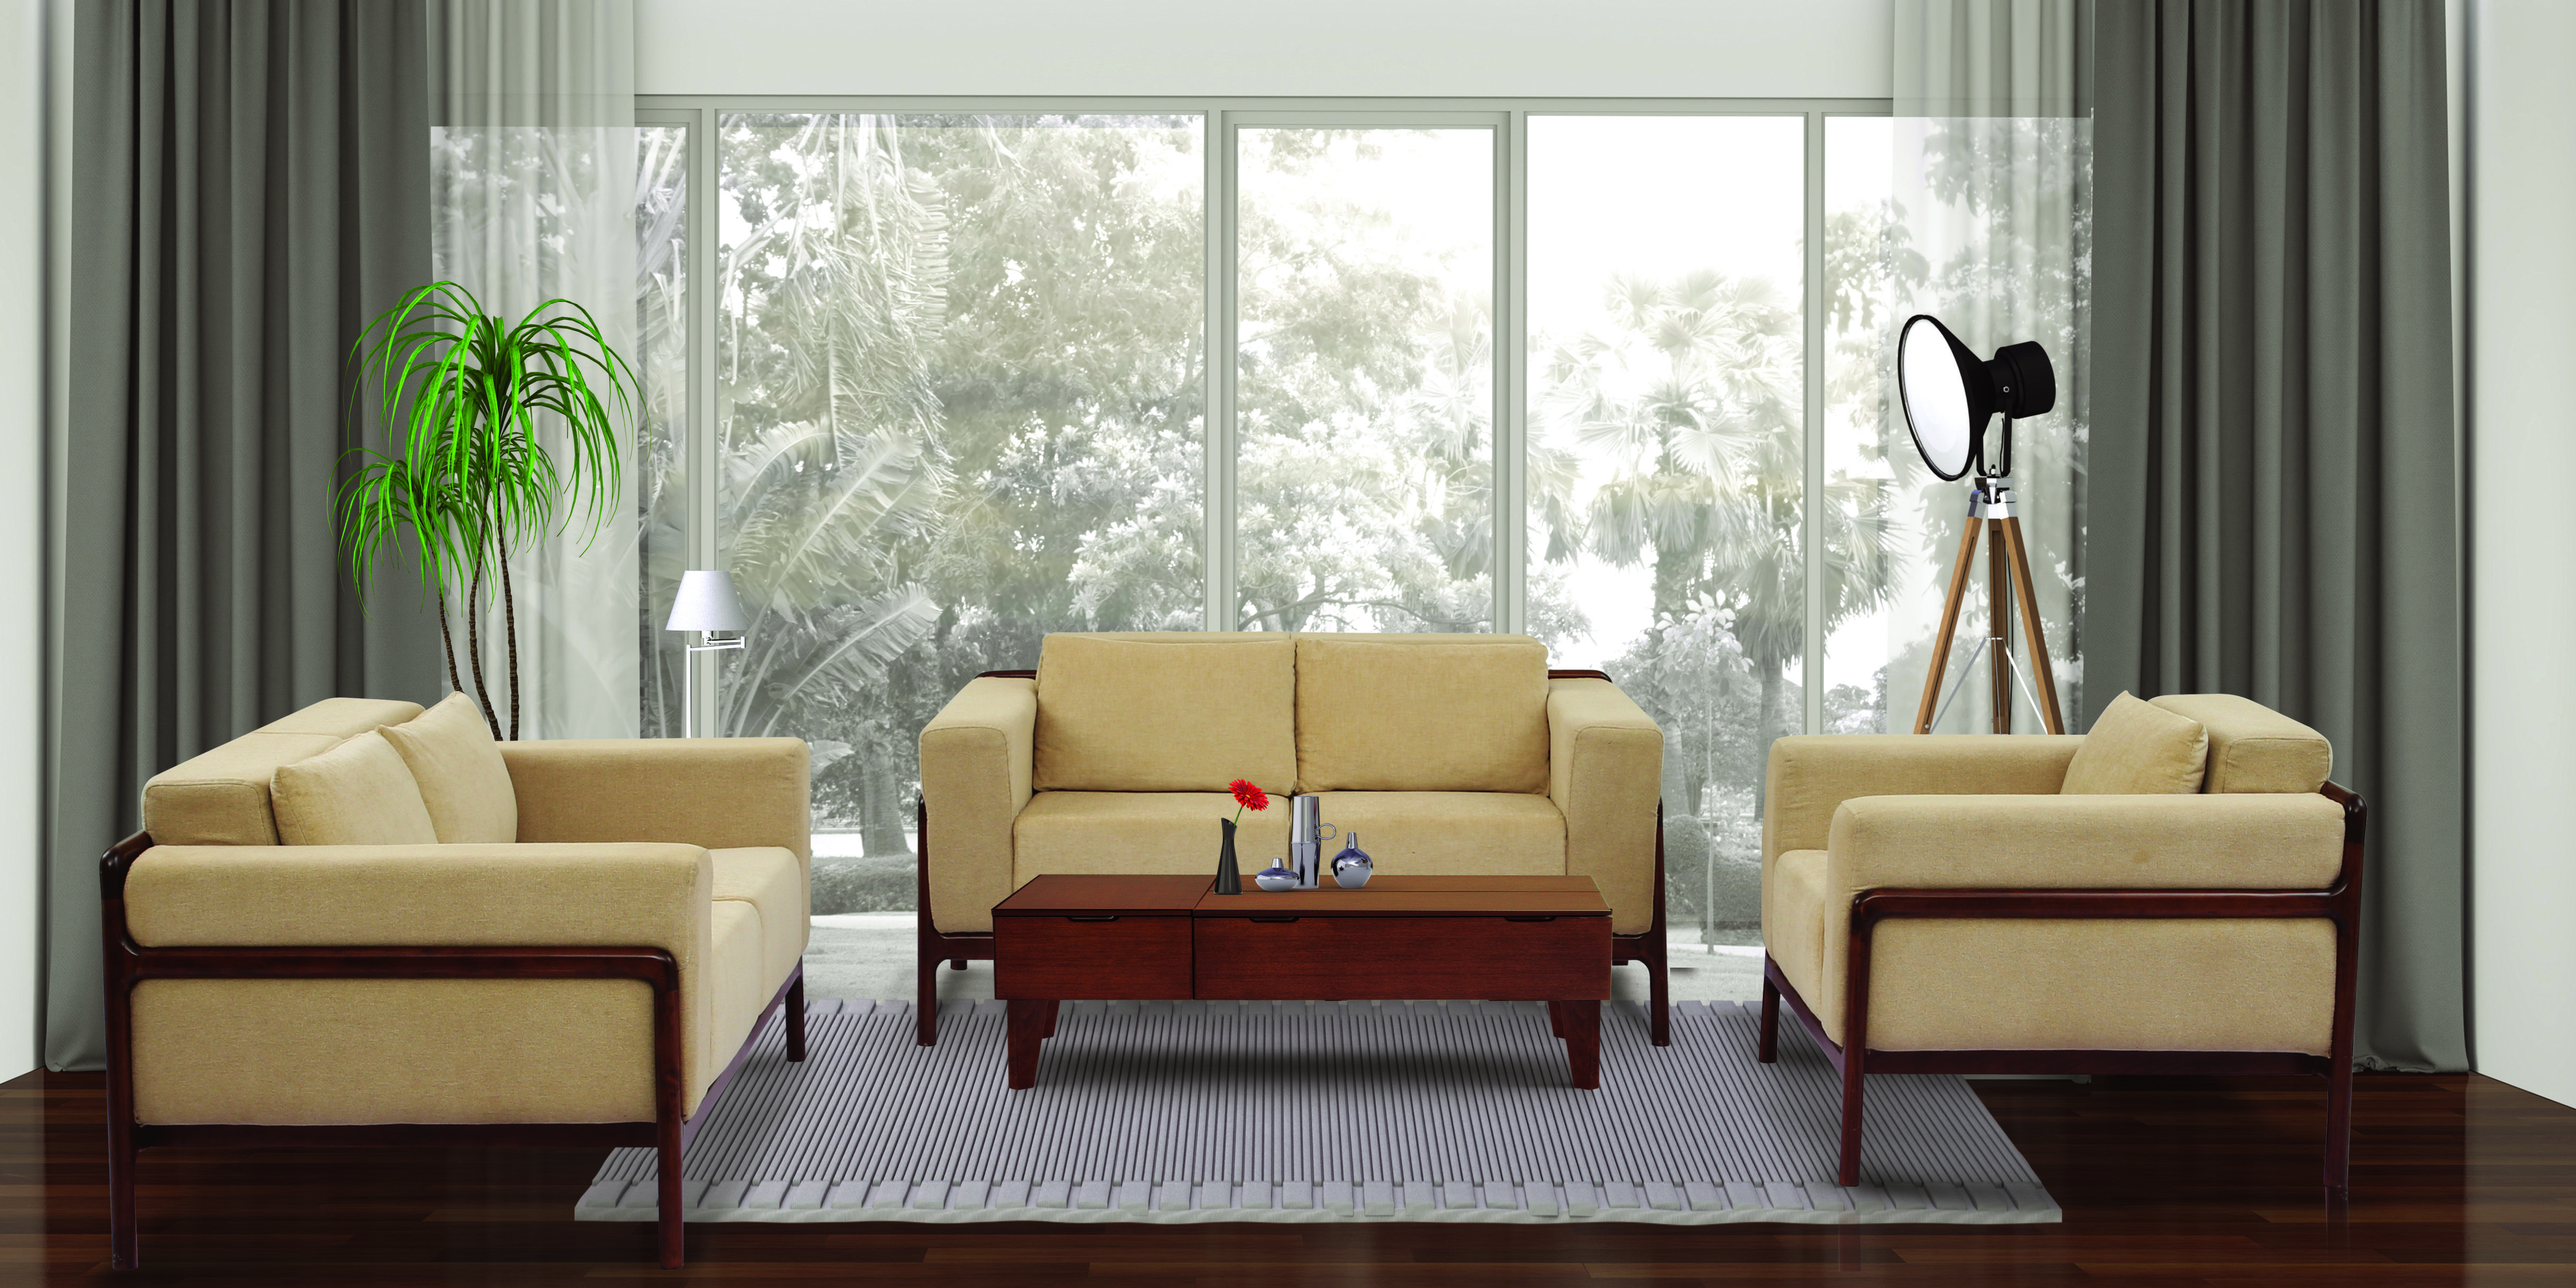 Two Seater Sofa Price In Bd In 2020 Sofa Price Furniture 2 Seater Sofa